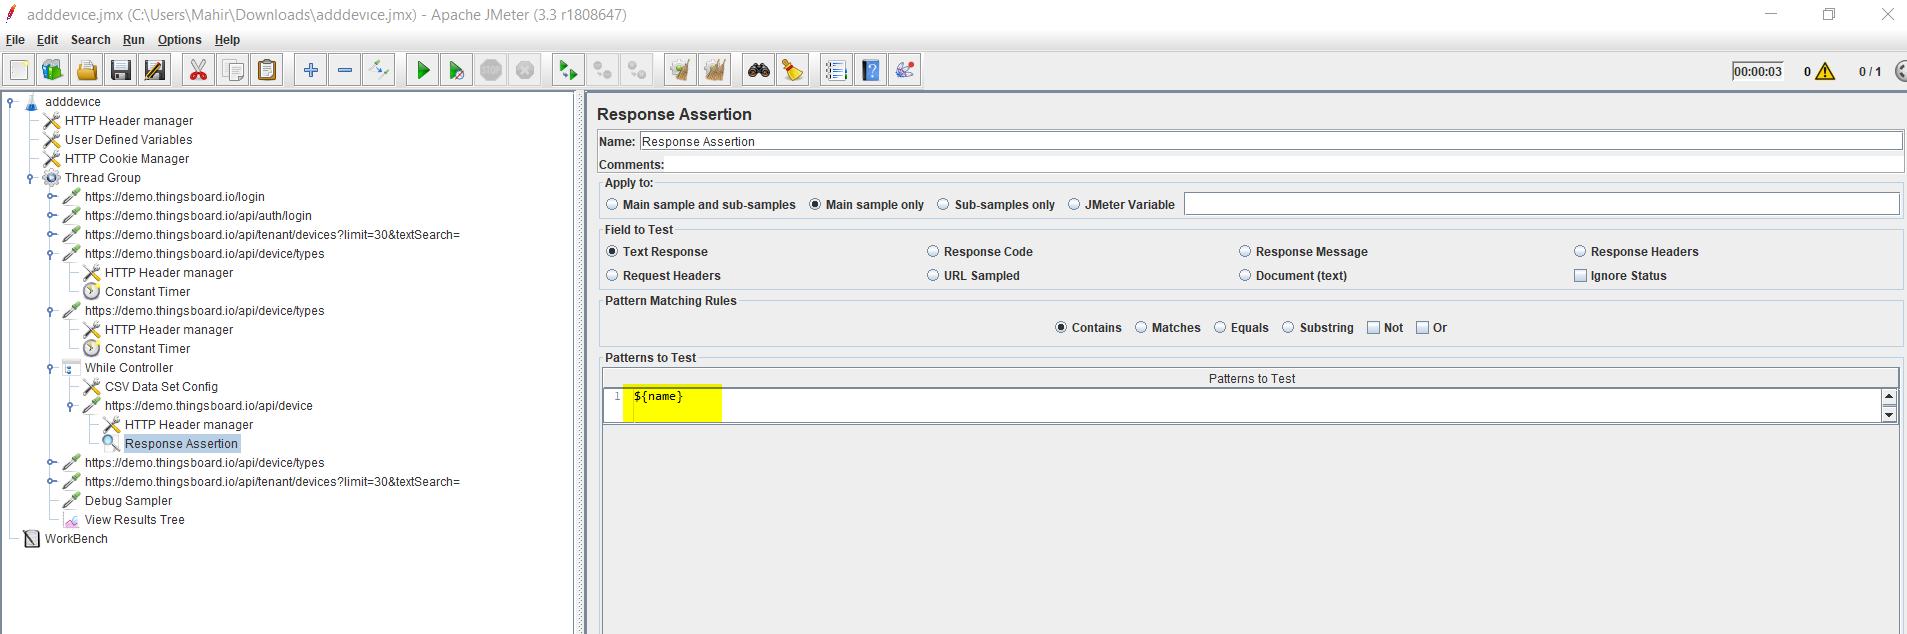 Screenshot of Response Assertion